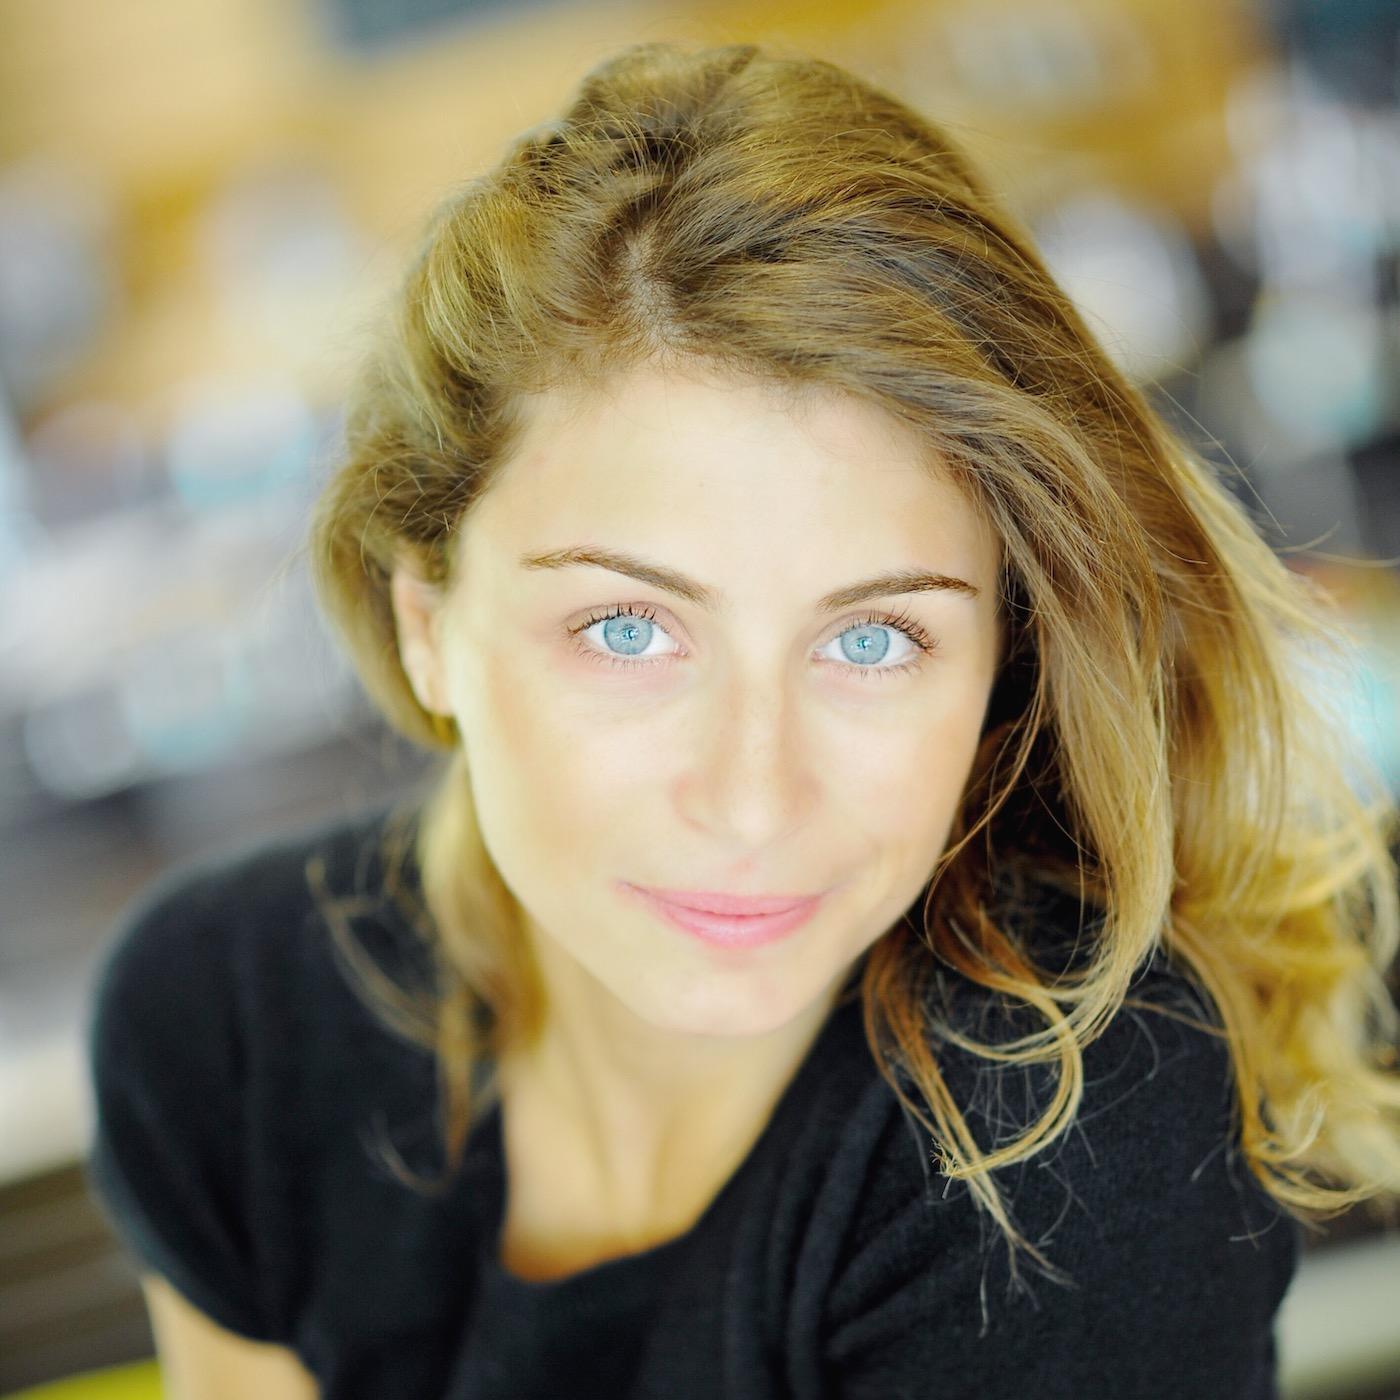 #4 Saison 4: Delphine Groll, CEO de Nabla - Lever 17 millions d'euros pour la santé des femmes